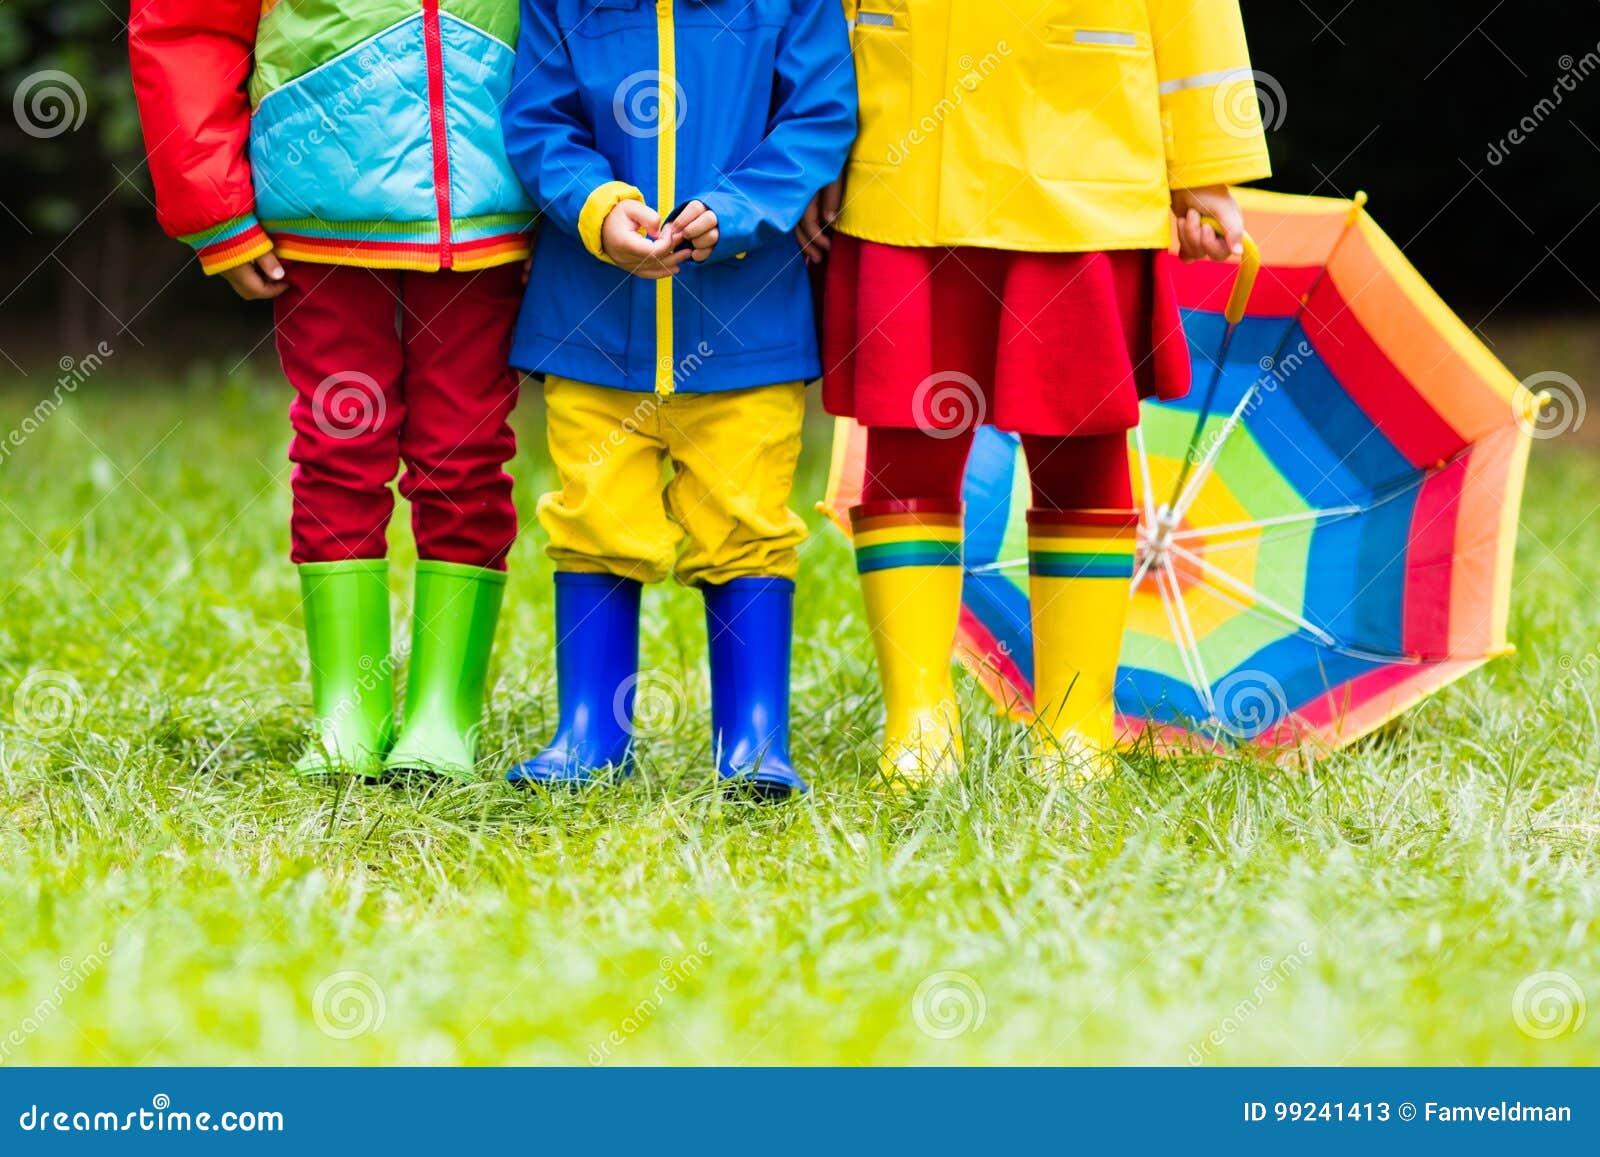 Dans En Bottes De Des Enfants Pour Gaines Pluie Caoutchouc 7vgY6ybf